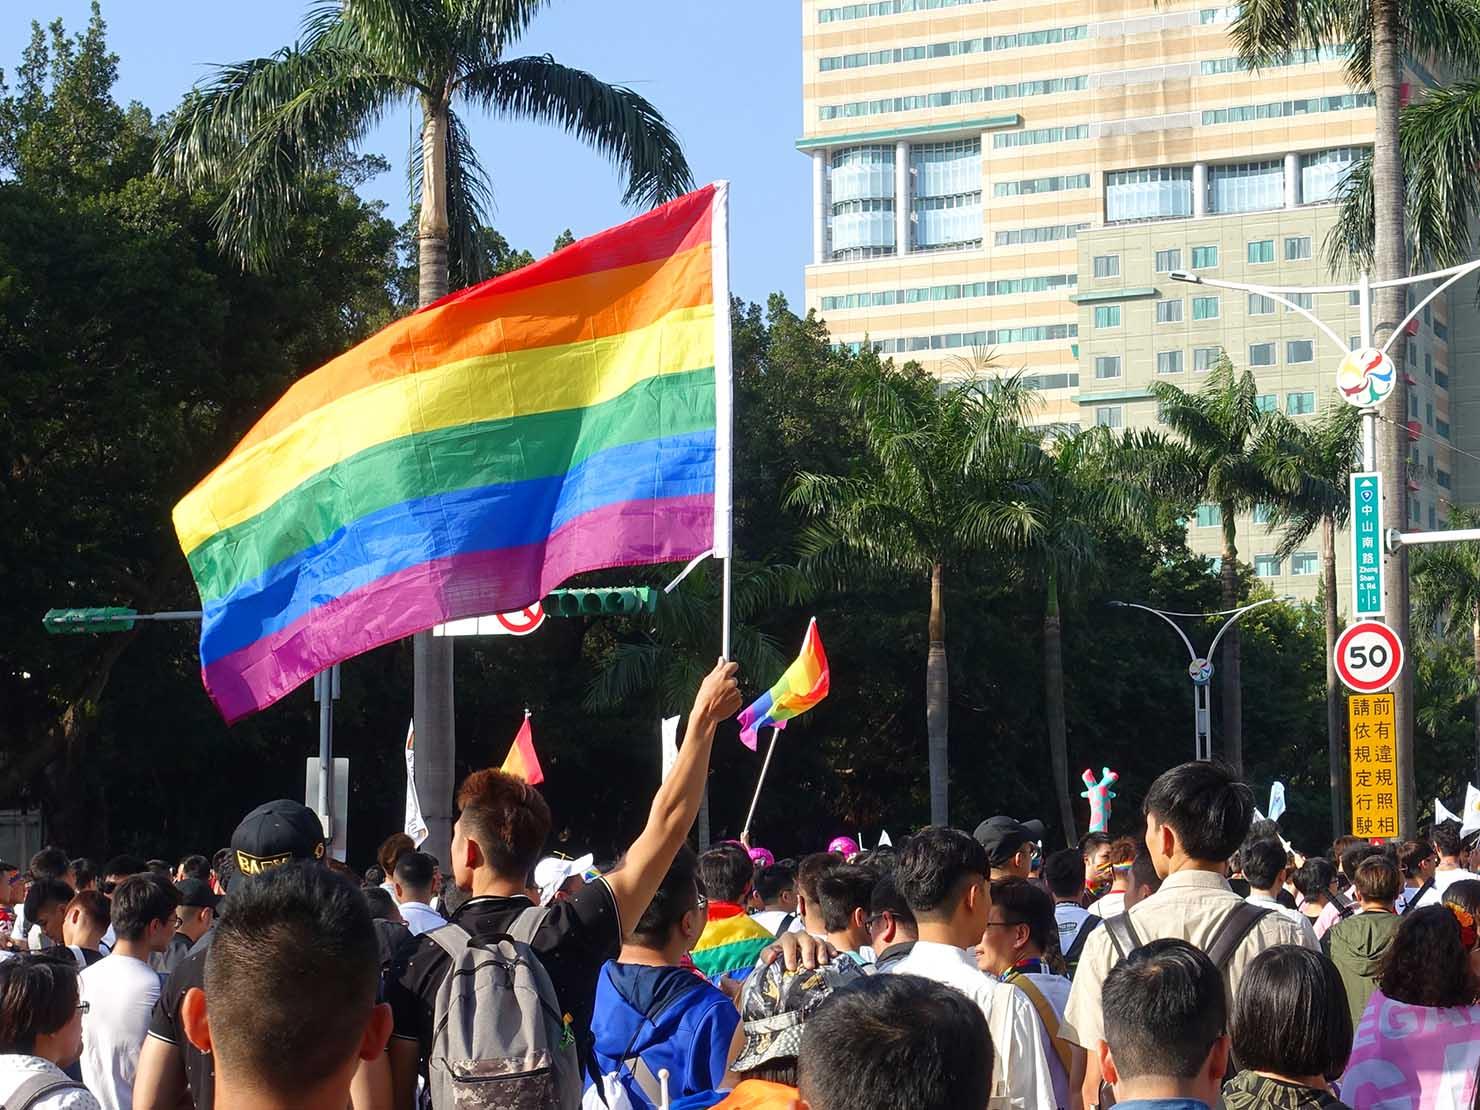 台灣同志遊行(台湾LGBTプライド)2018パレードでレインボーフラッグを掲げる参加者